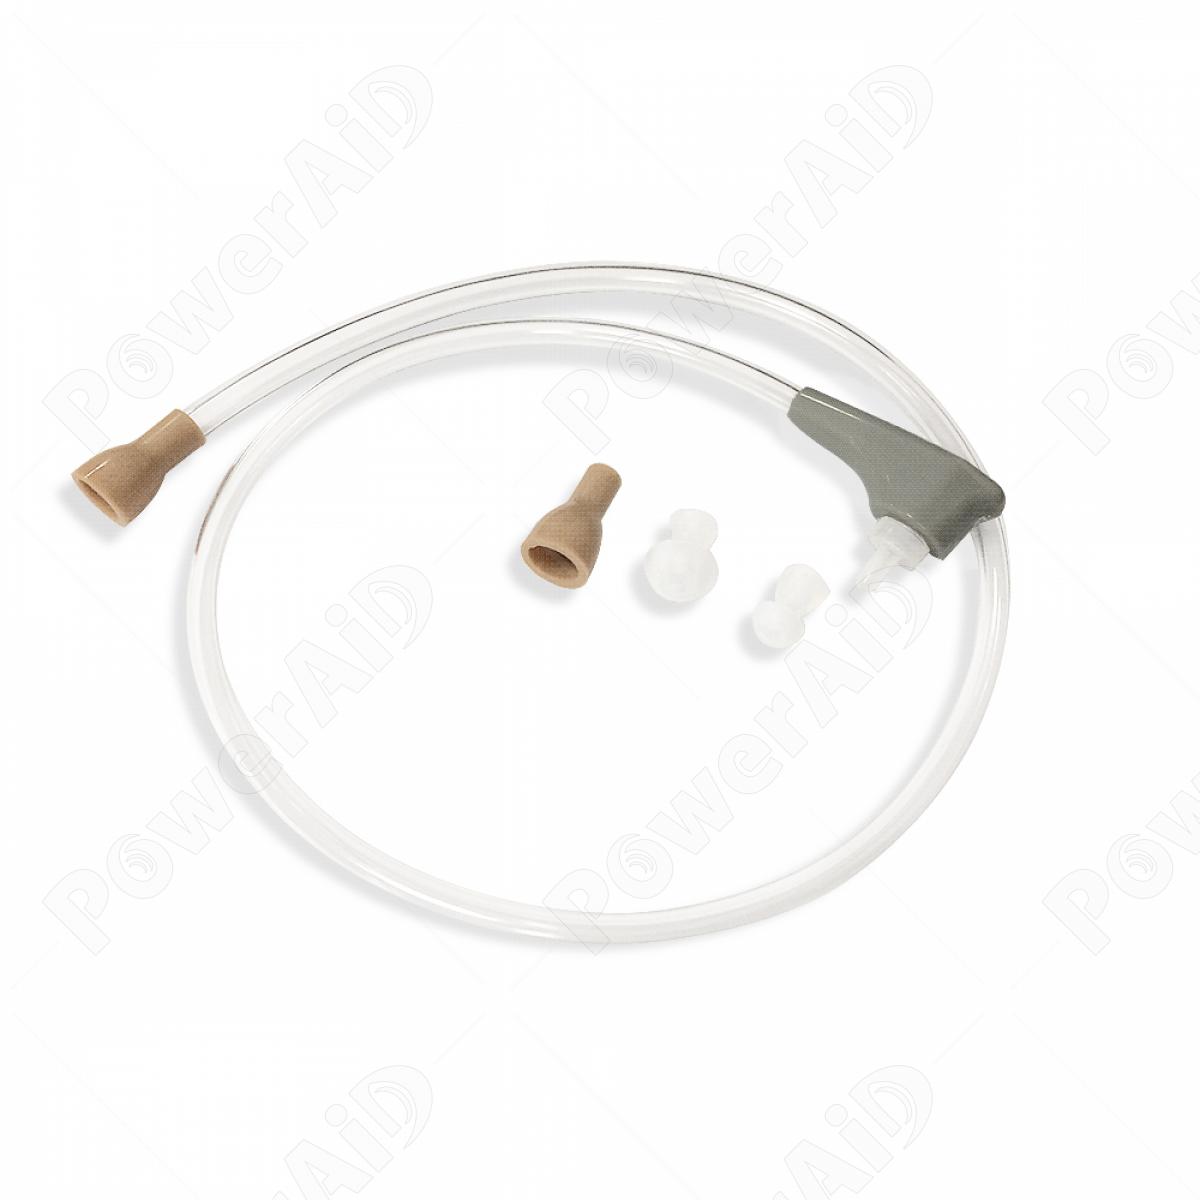 Soundlink - Set con Tubicino di ricambio per Stetoclips